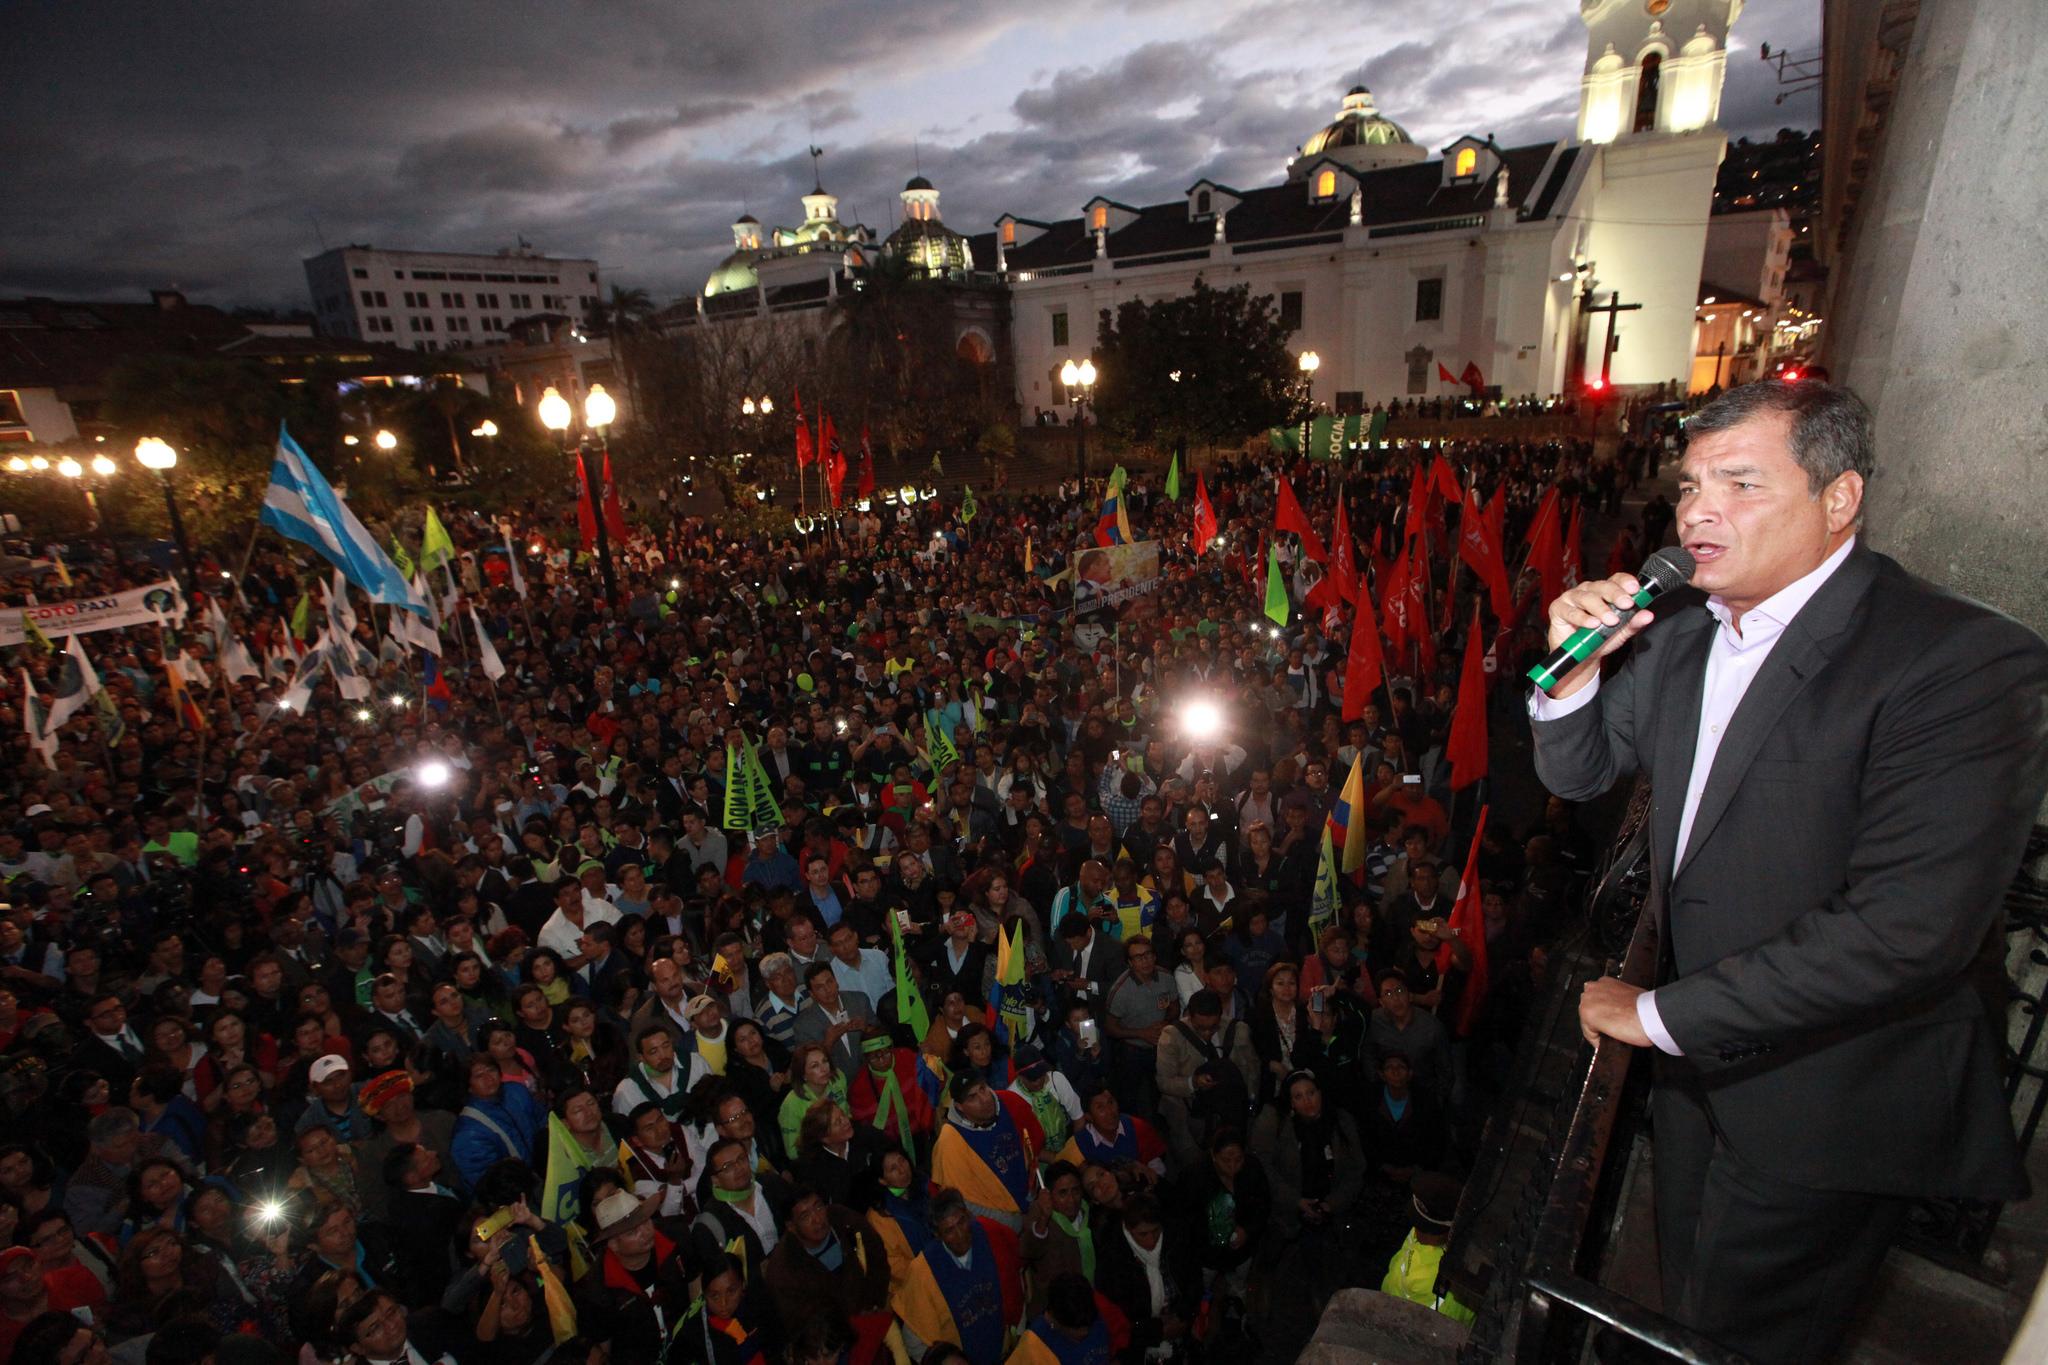 Quito, 10 feb 2016.- El Presidente de la República, Rafel Correa, se dirigió a los miles de ciudadanos que se concentraron en la Plaza Grande para presentar su apoyo a la Revolución Ciudadana. Foto: Carlos Silva/ Presidencia de la República